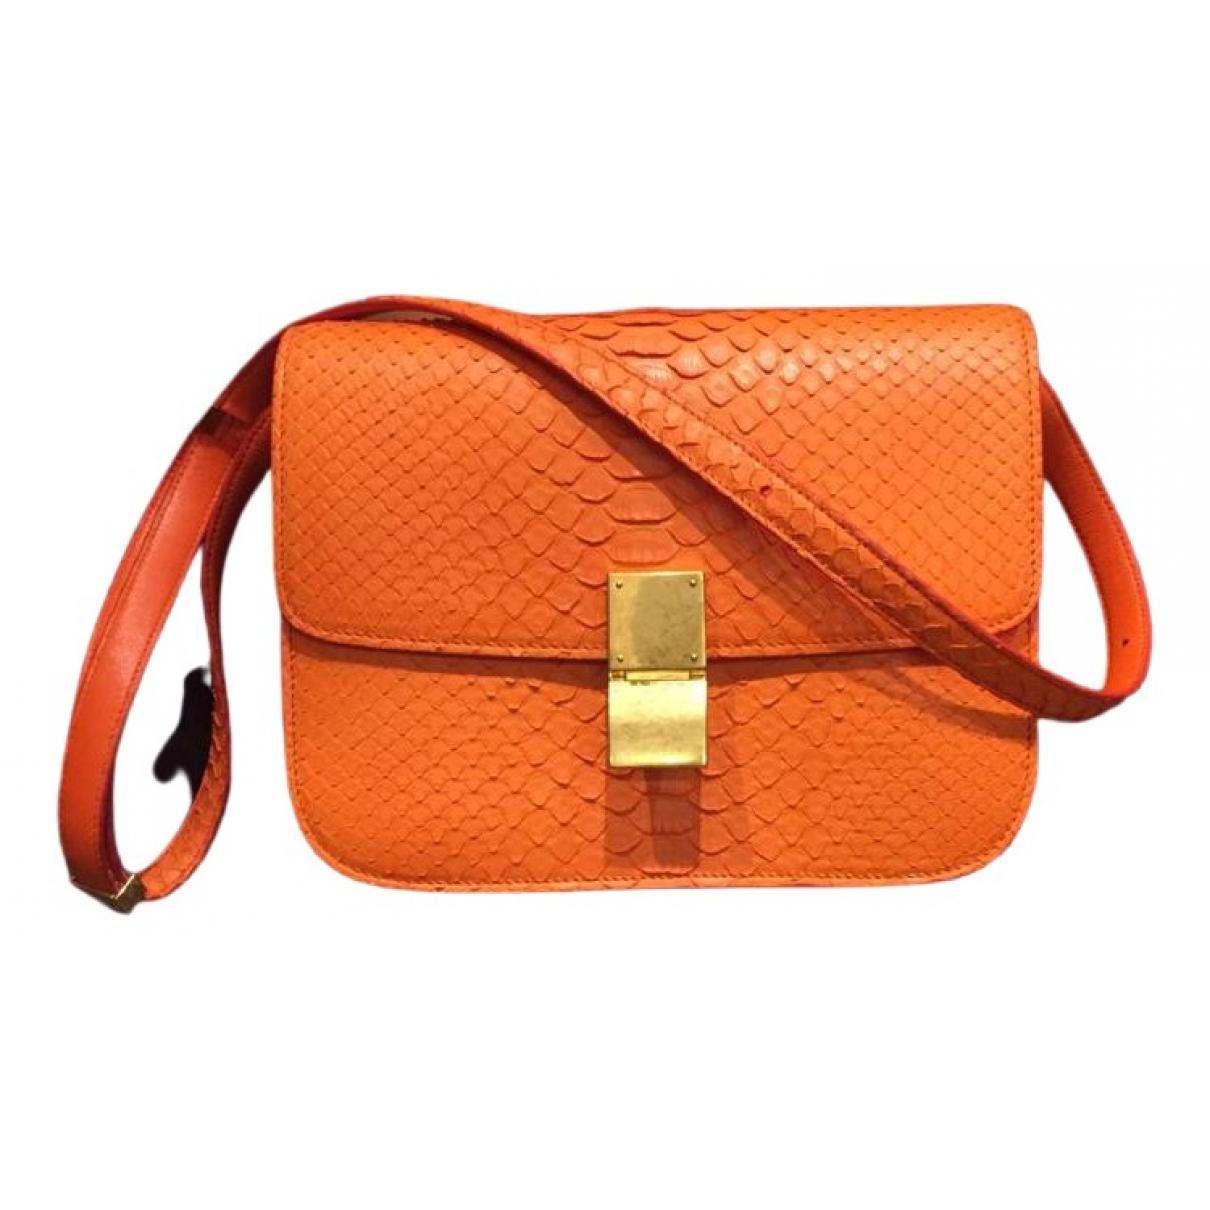 Celine Classic Handtasche in  Orange Python